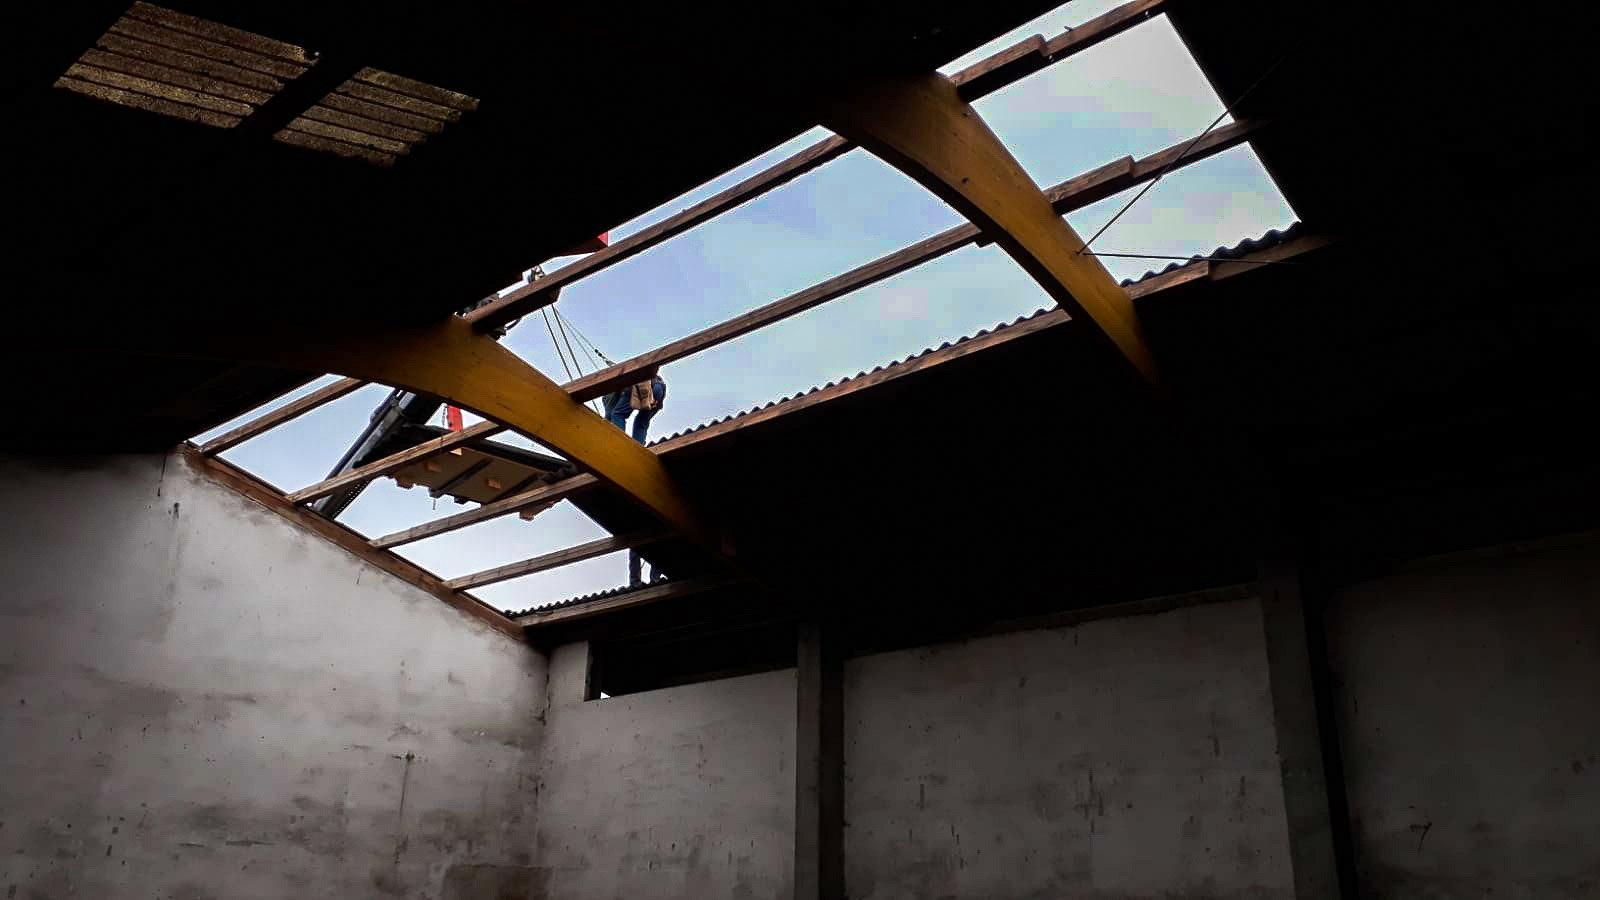 201017_DachHalle_43.jpg